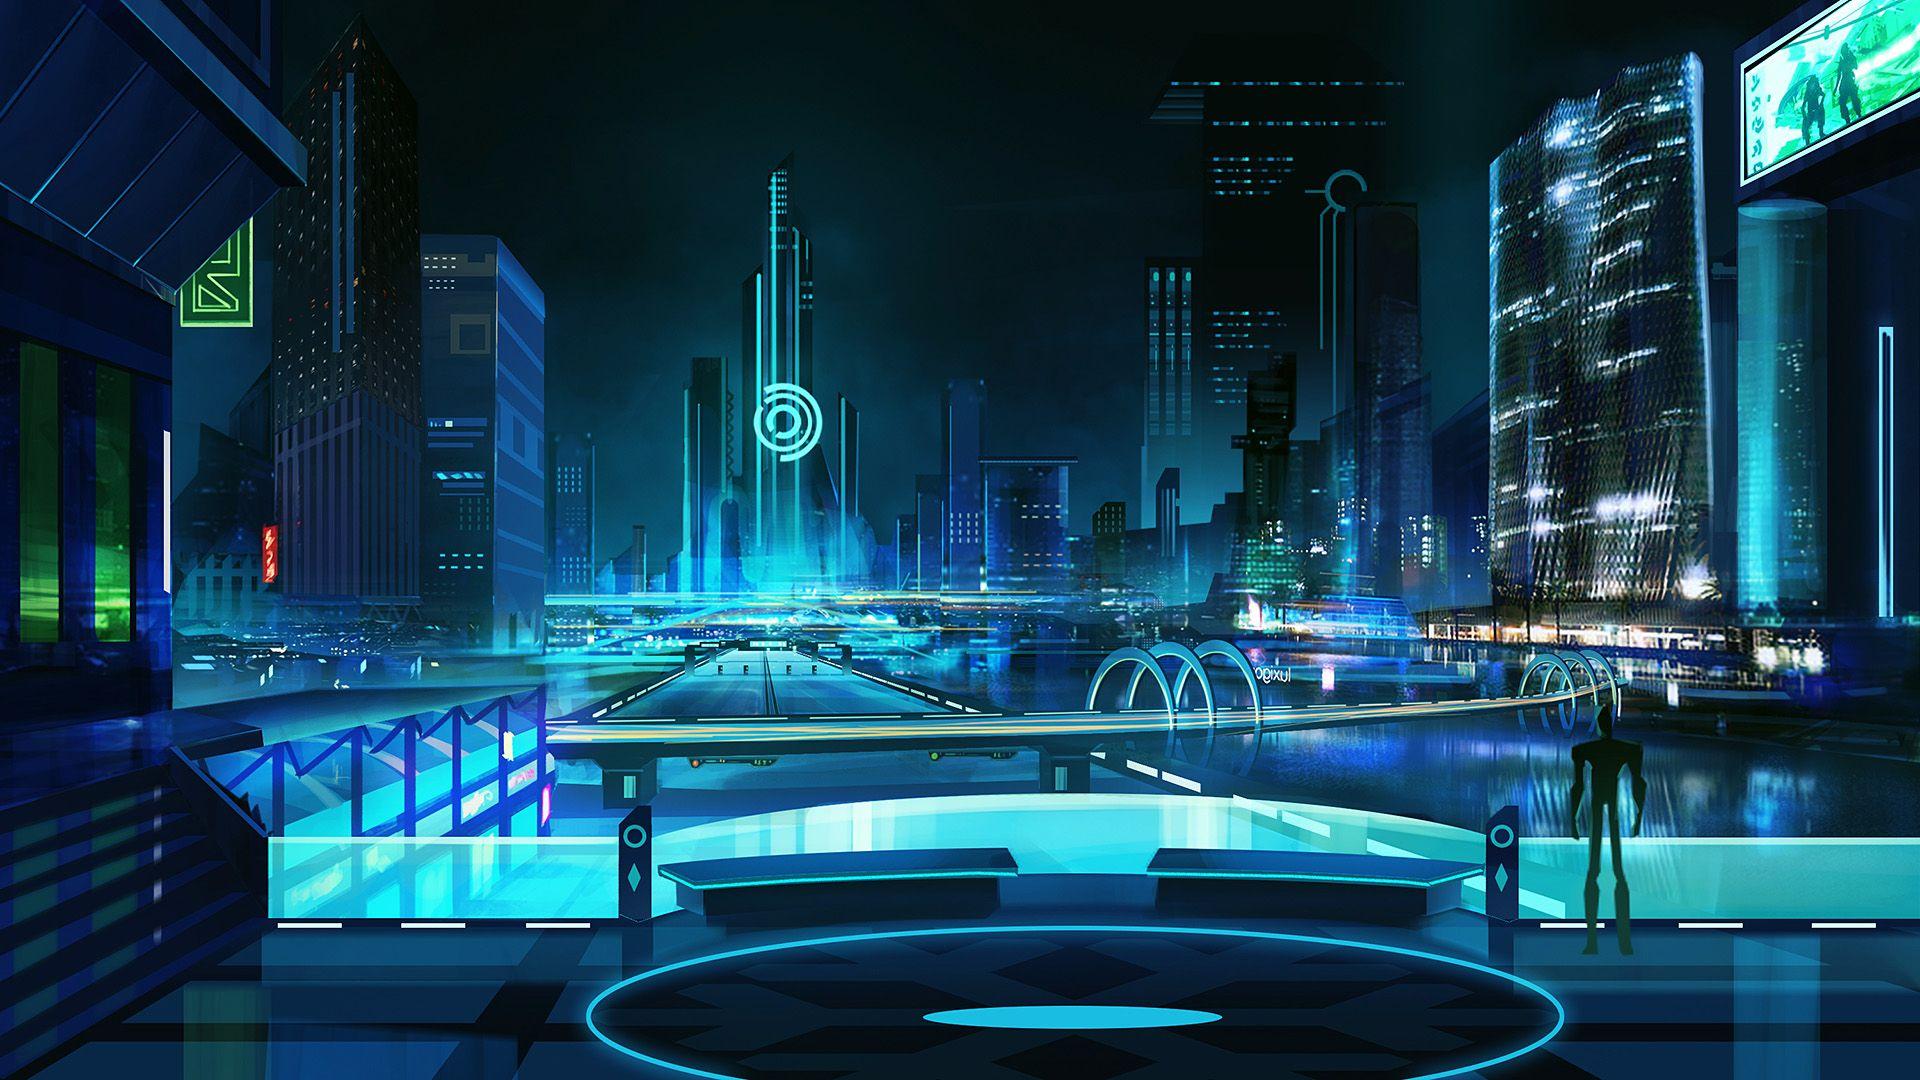 cyberpunk wallpapers (1920x1080) 未来都市, 都市景観